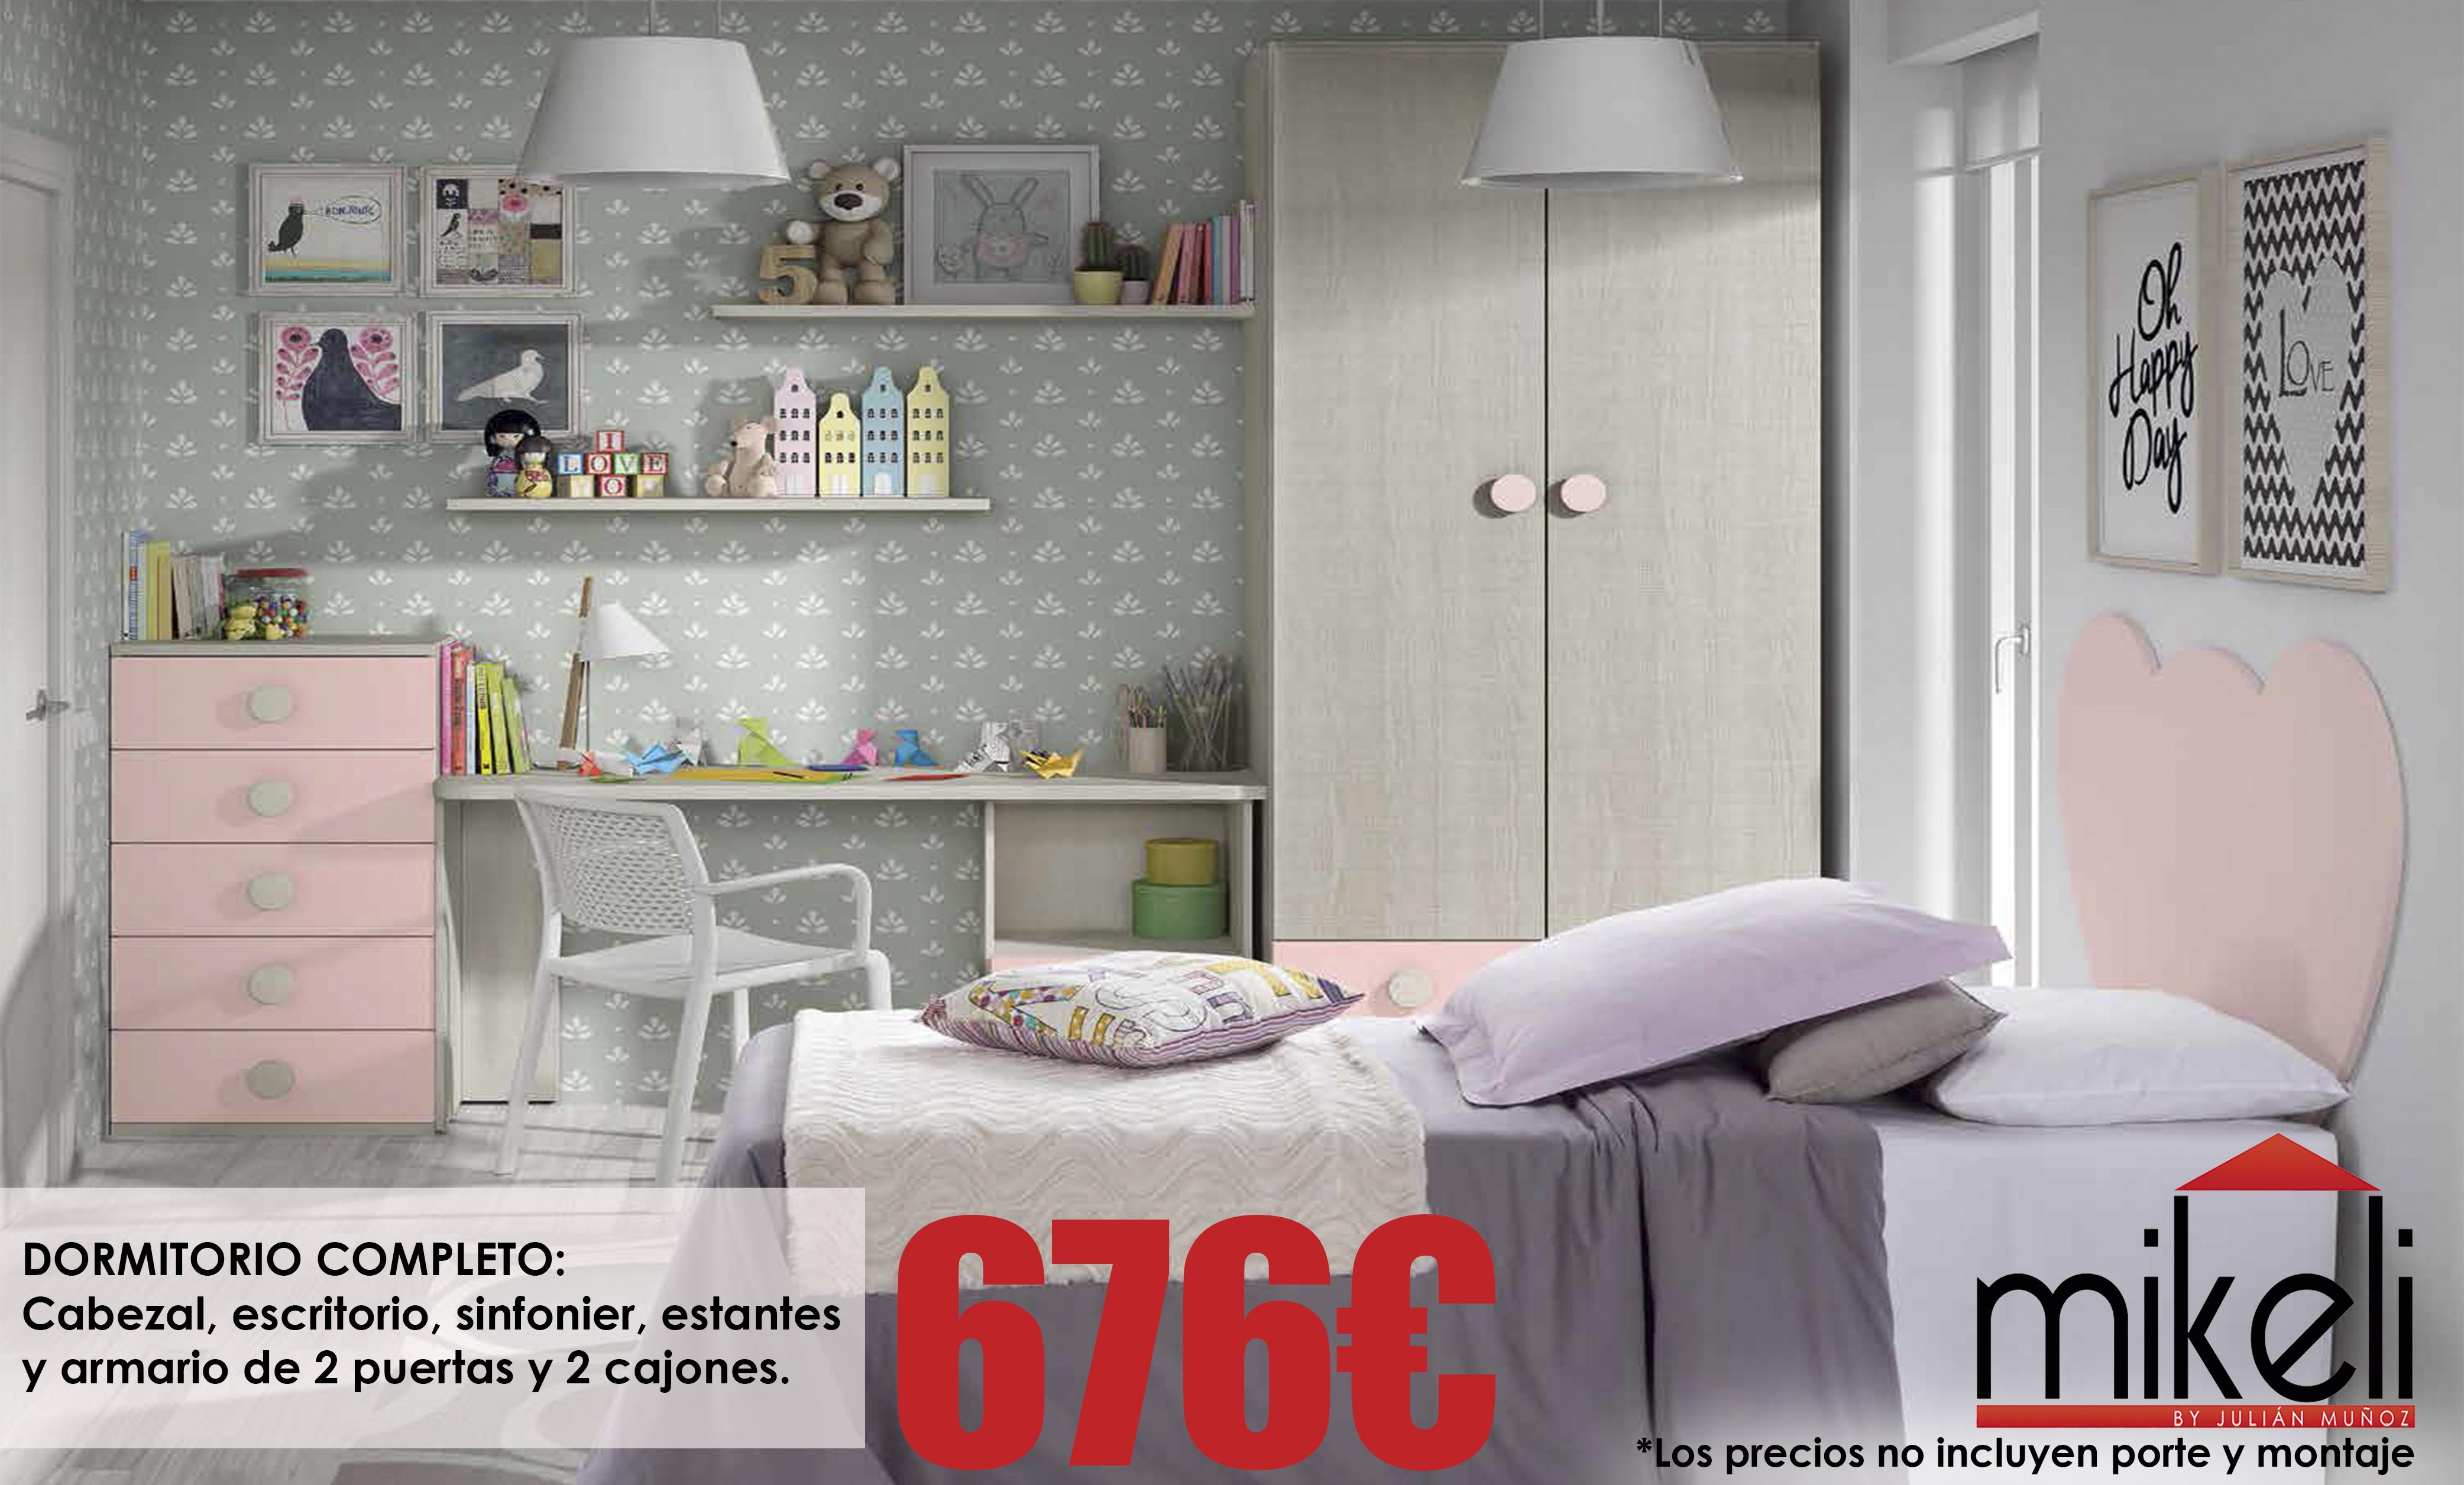 City 36 Mikeli Tu Tienda De Muebles A Precios Incre Bles En Ceuta